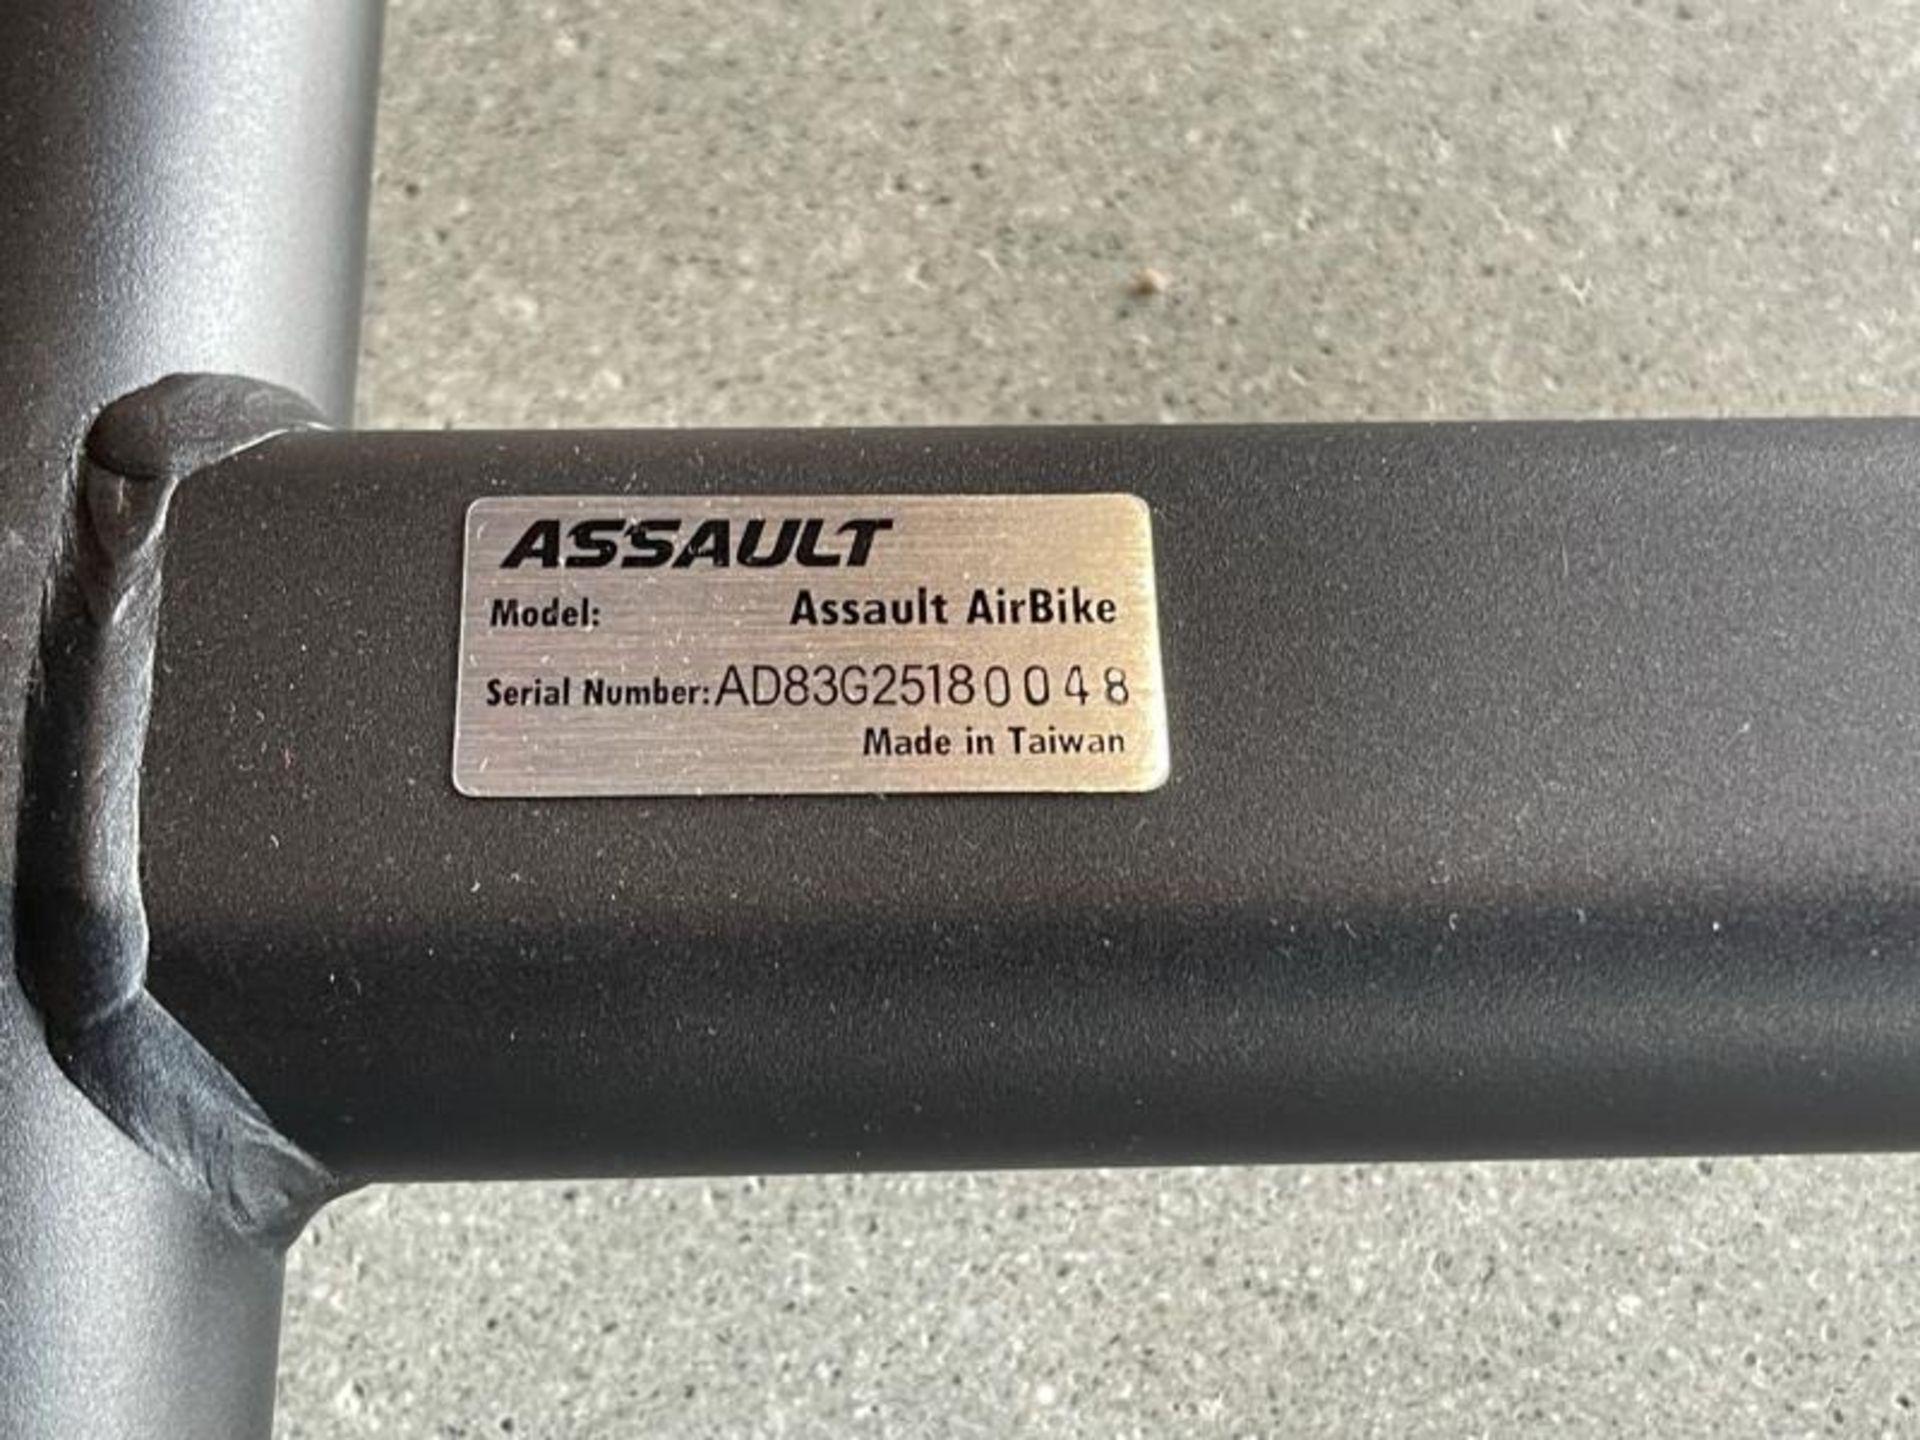 Assault Fitness Air Bike M: ASSAULTAIRBIKE - Image 5 of 7